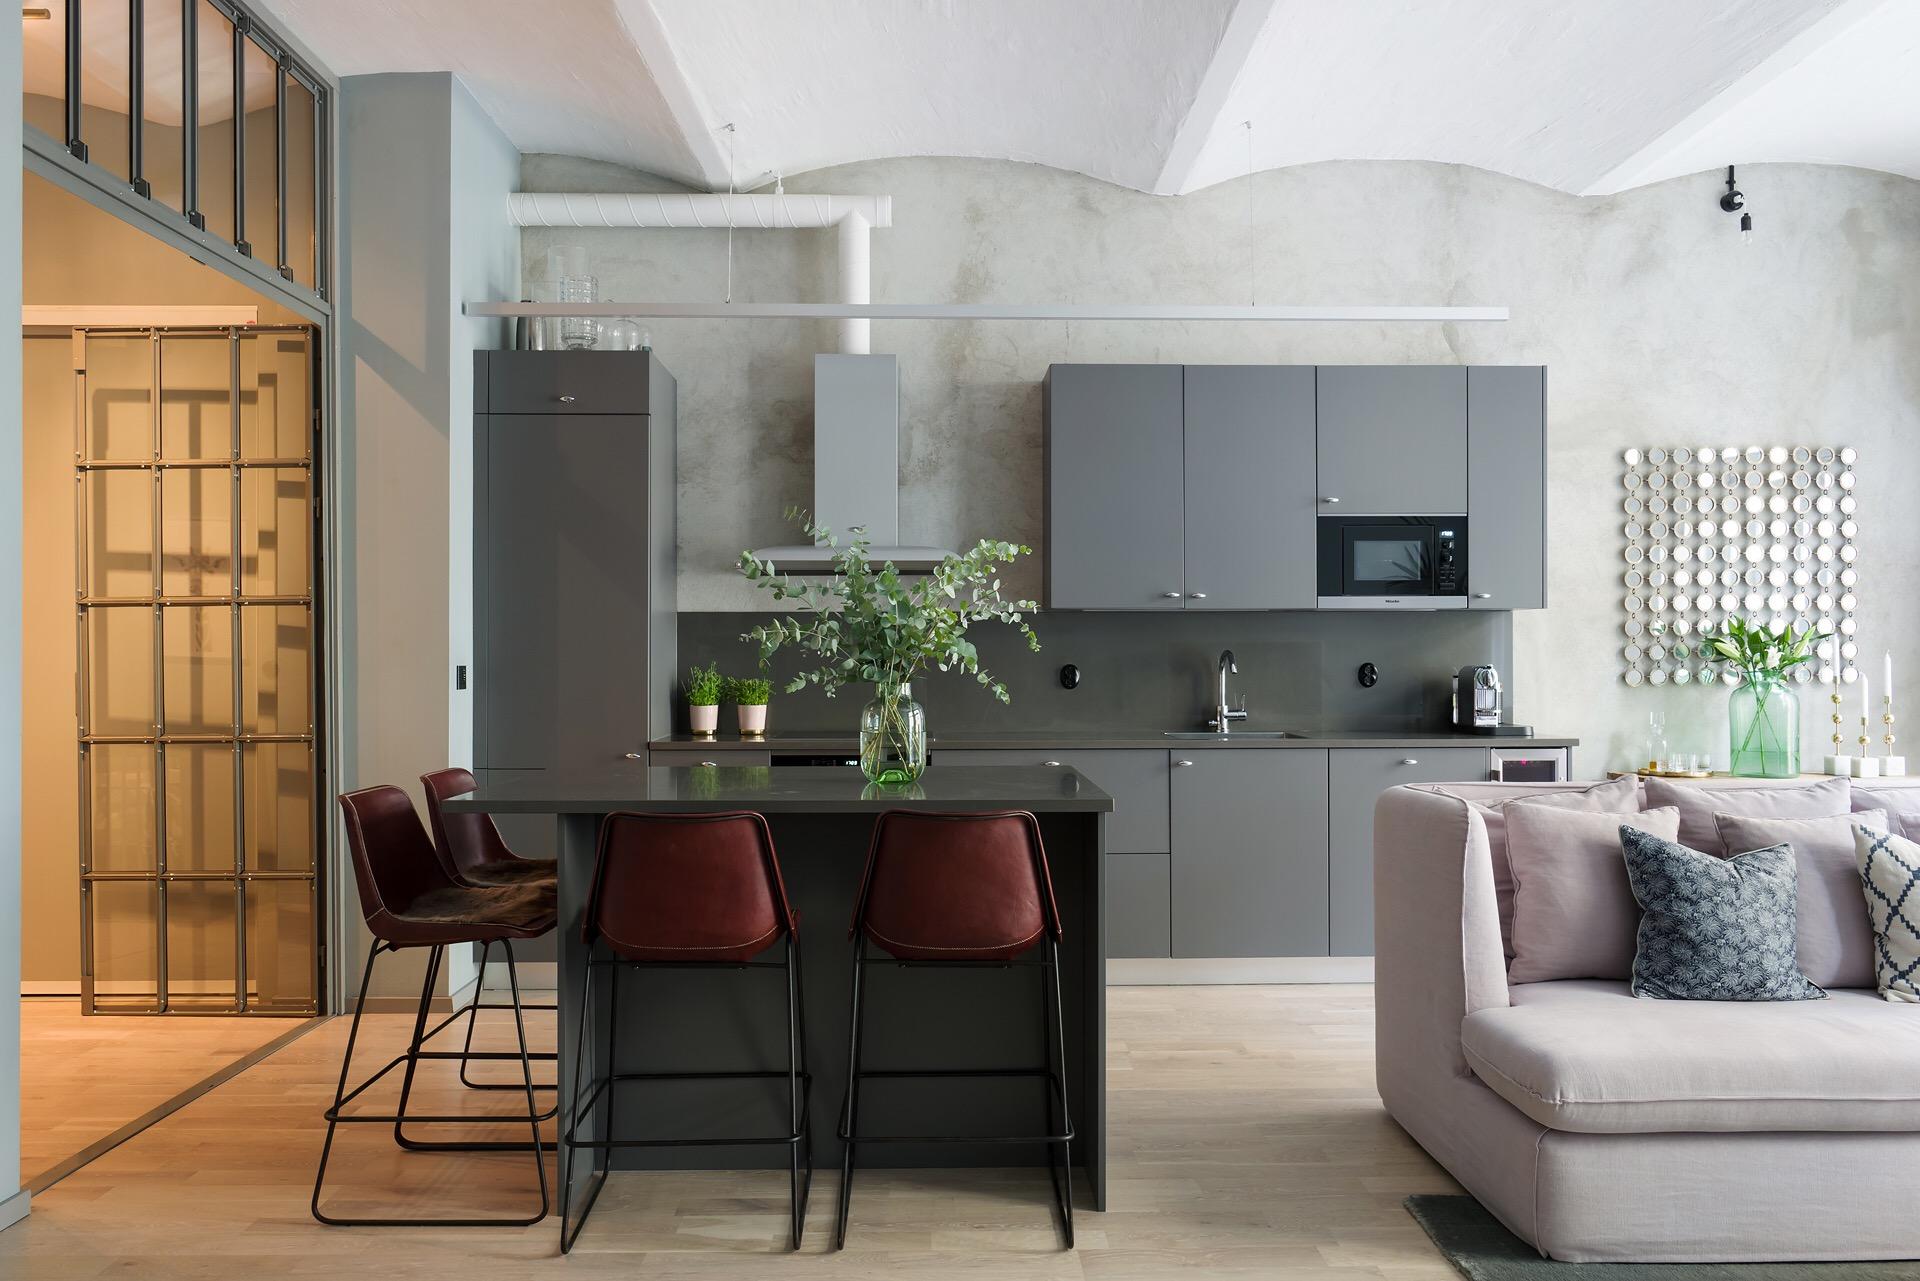 гостиная кухня высокий потолок своды серые кухонные фасады обеденный стол барные стулья